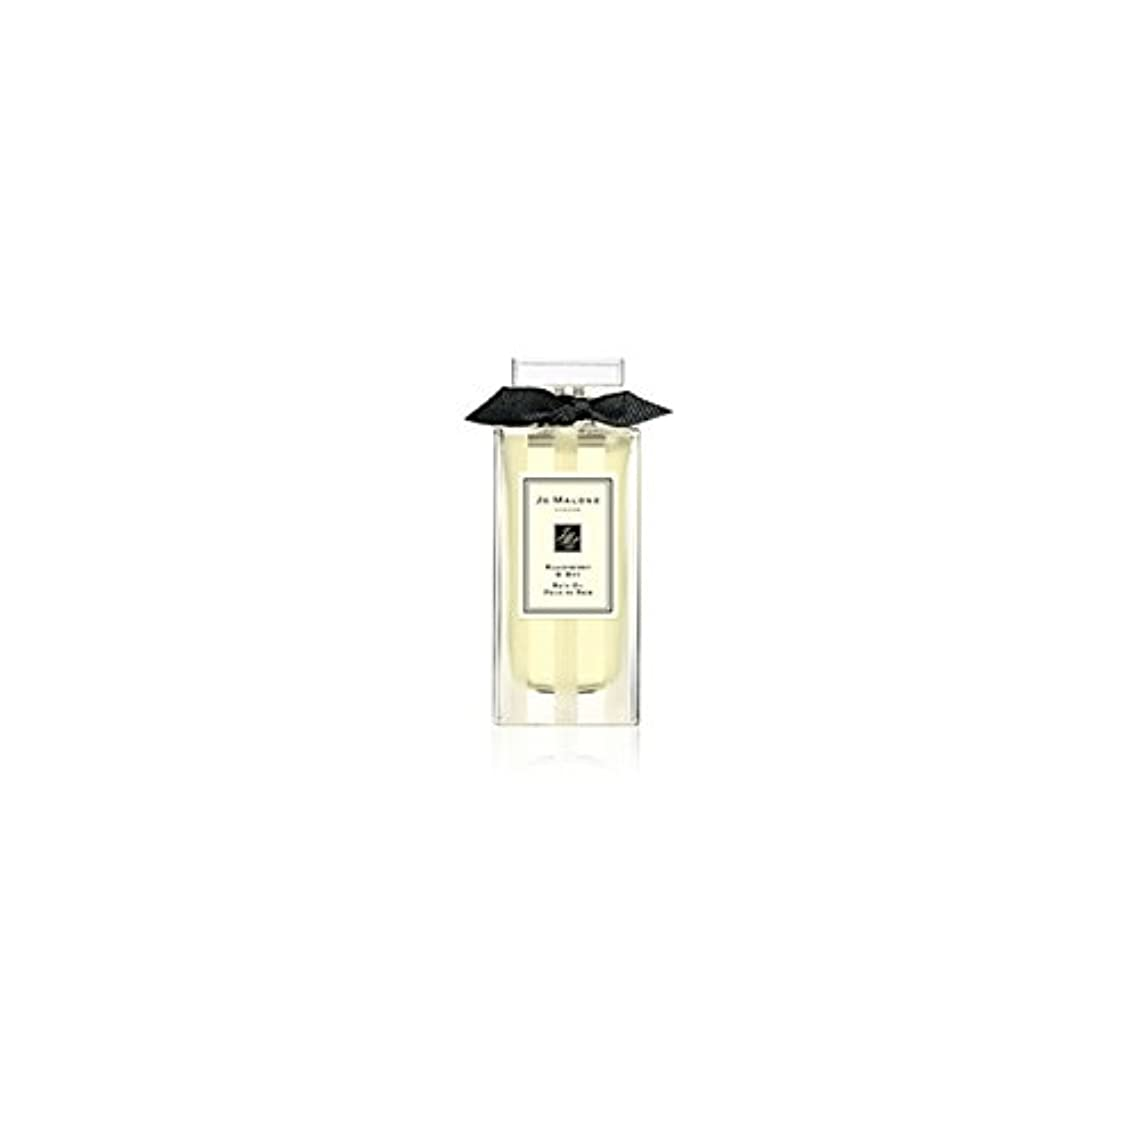 禁止する織る正午ジョーマローンブラックベリー&ベイバスオイル - 30ミリリットル - Jo Malone Blackberry & Bay Bath Oil - 30ml (Jo Malone) [並行輸入品]